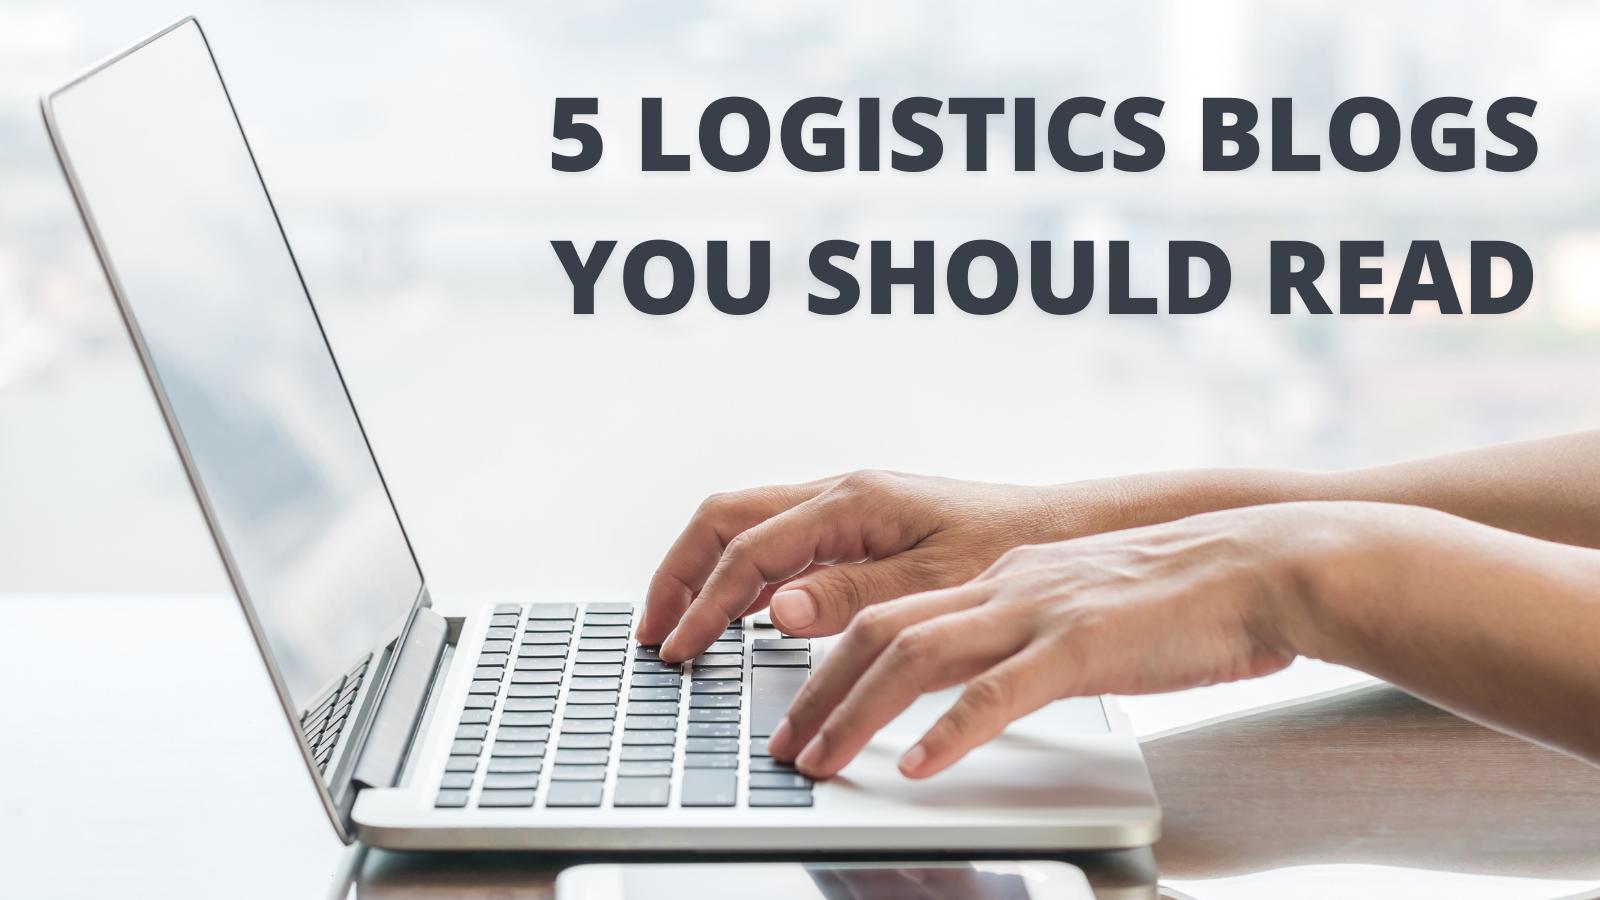 5 Logistics Blogs You Should Read